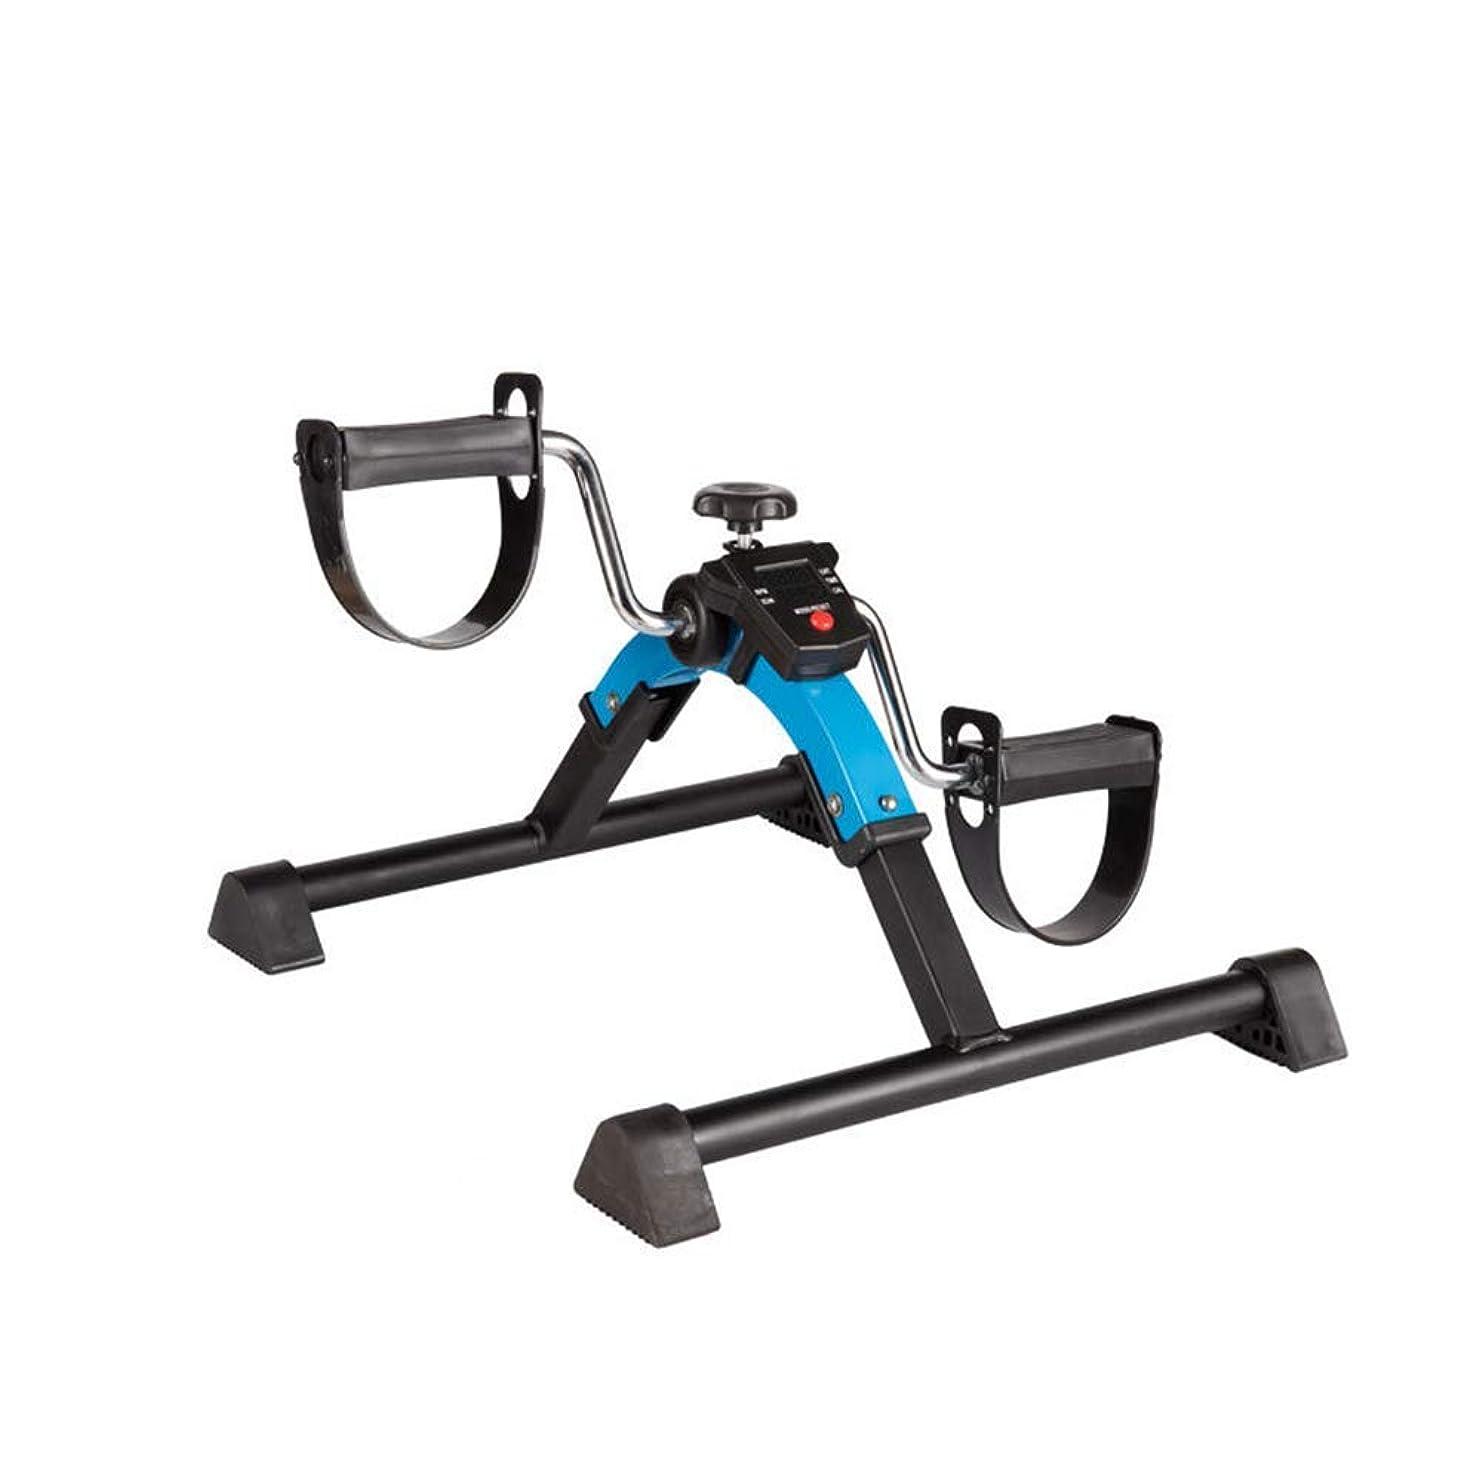 ウナギ真鍮操縦する上肢および下肢エクササイズペダル、レッグマシン、リハビリトレーニング機器、脳卒中、片麻痺、手足、二重使用自転車